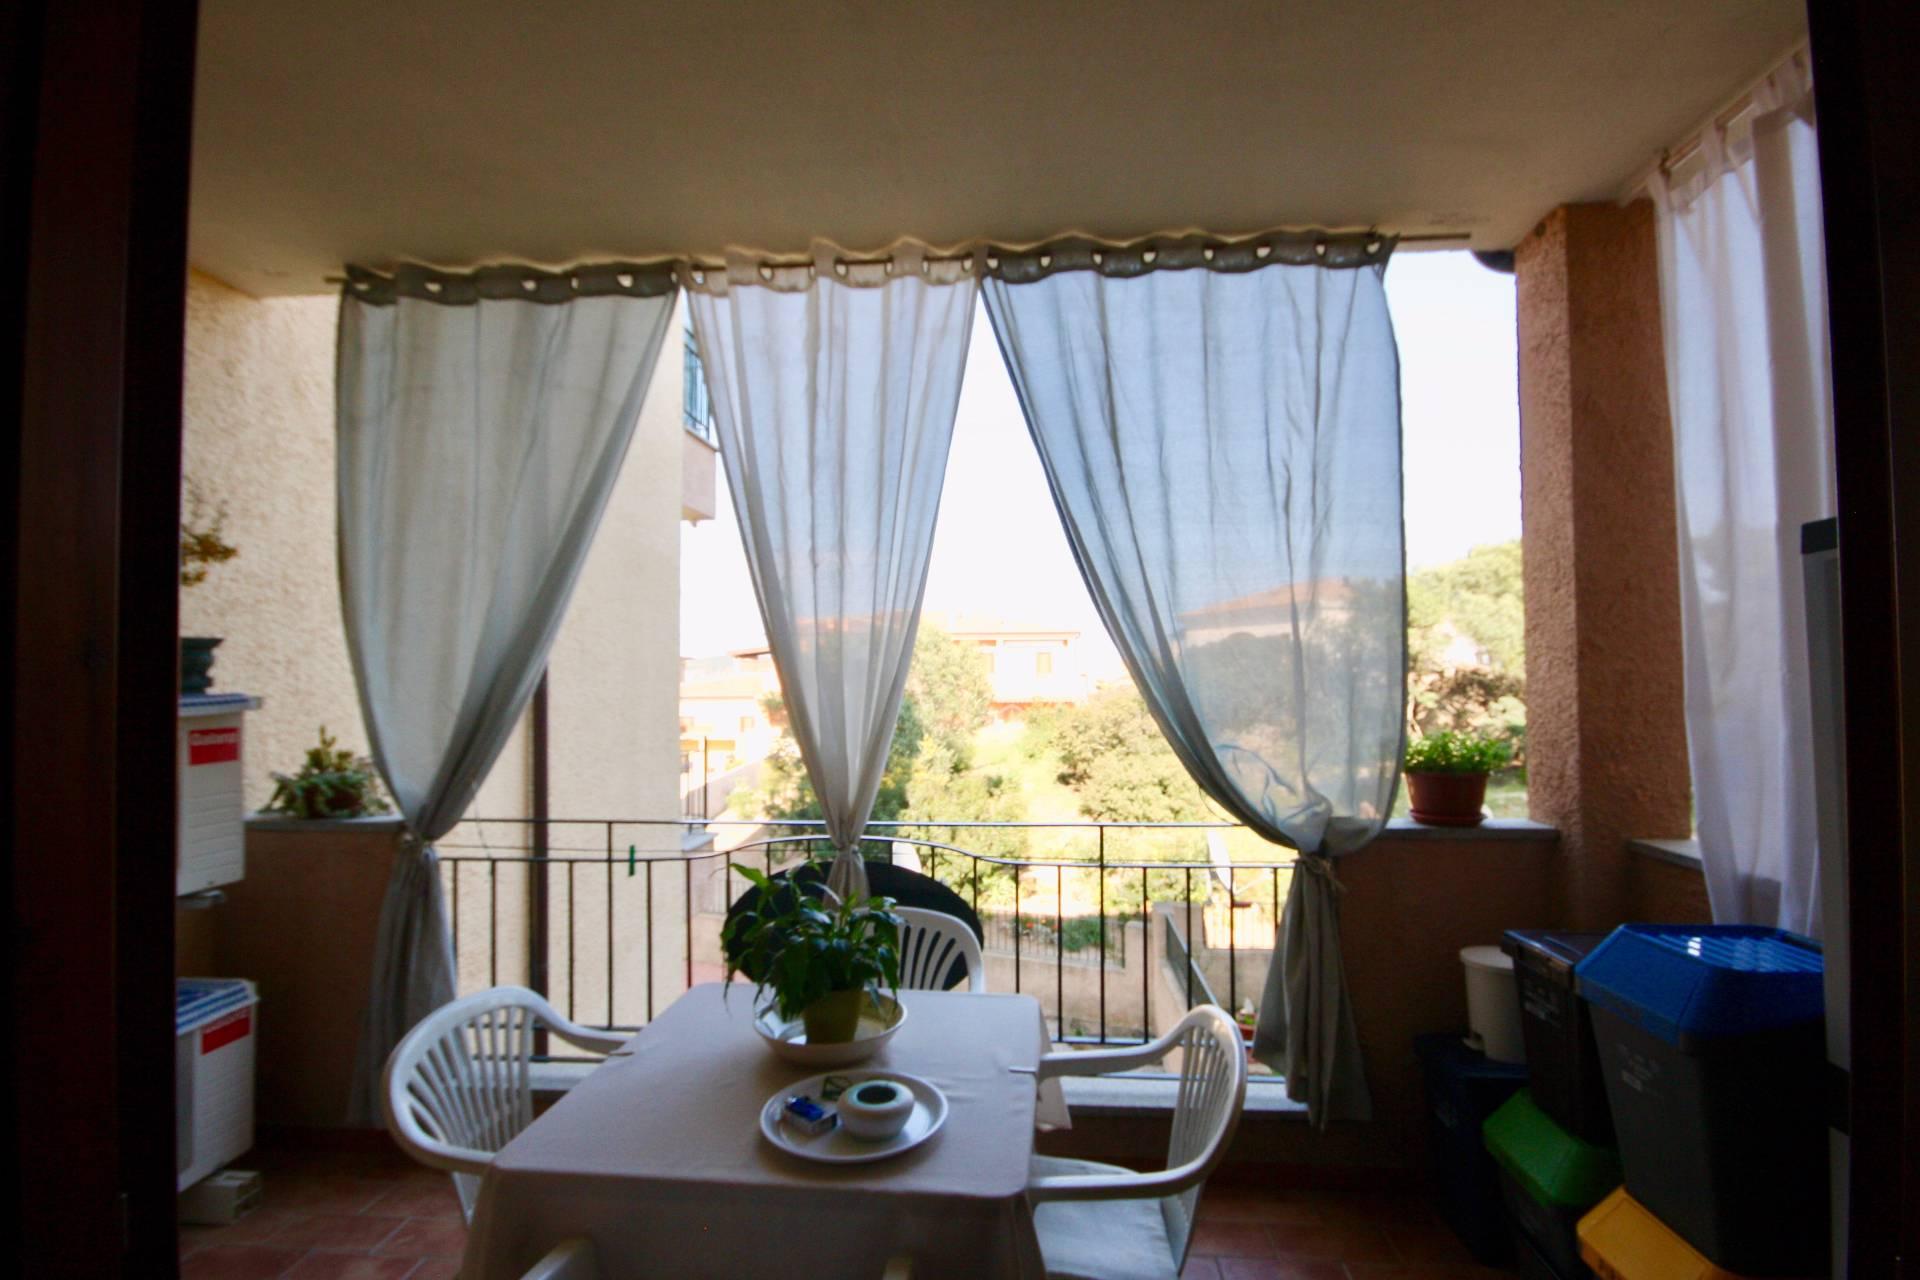 Appartamento in affitto a Olbia - Porto Rotondo, 2 locali, zona Località: Olbiacittà, prezzo € 450 | CambioCasa.it